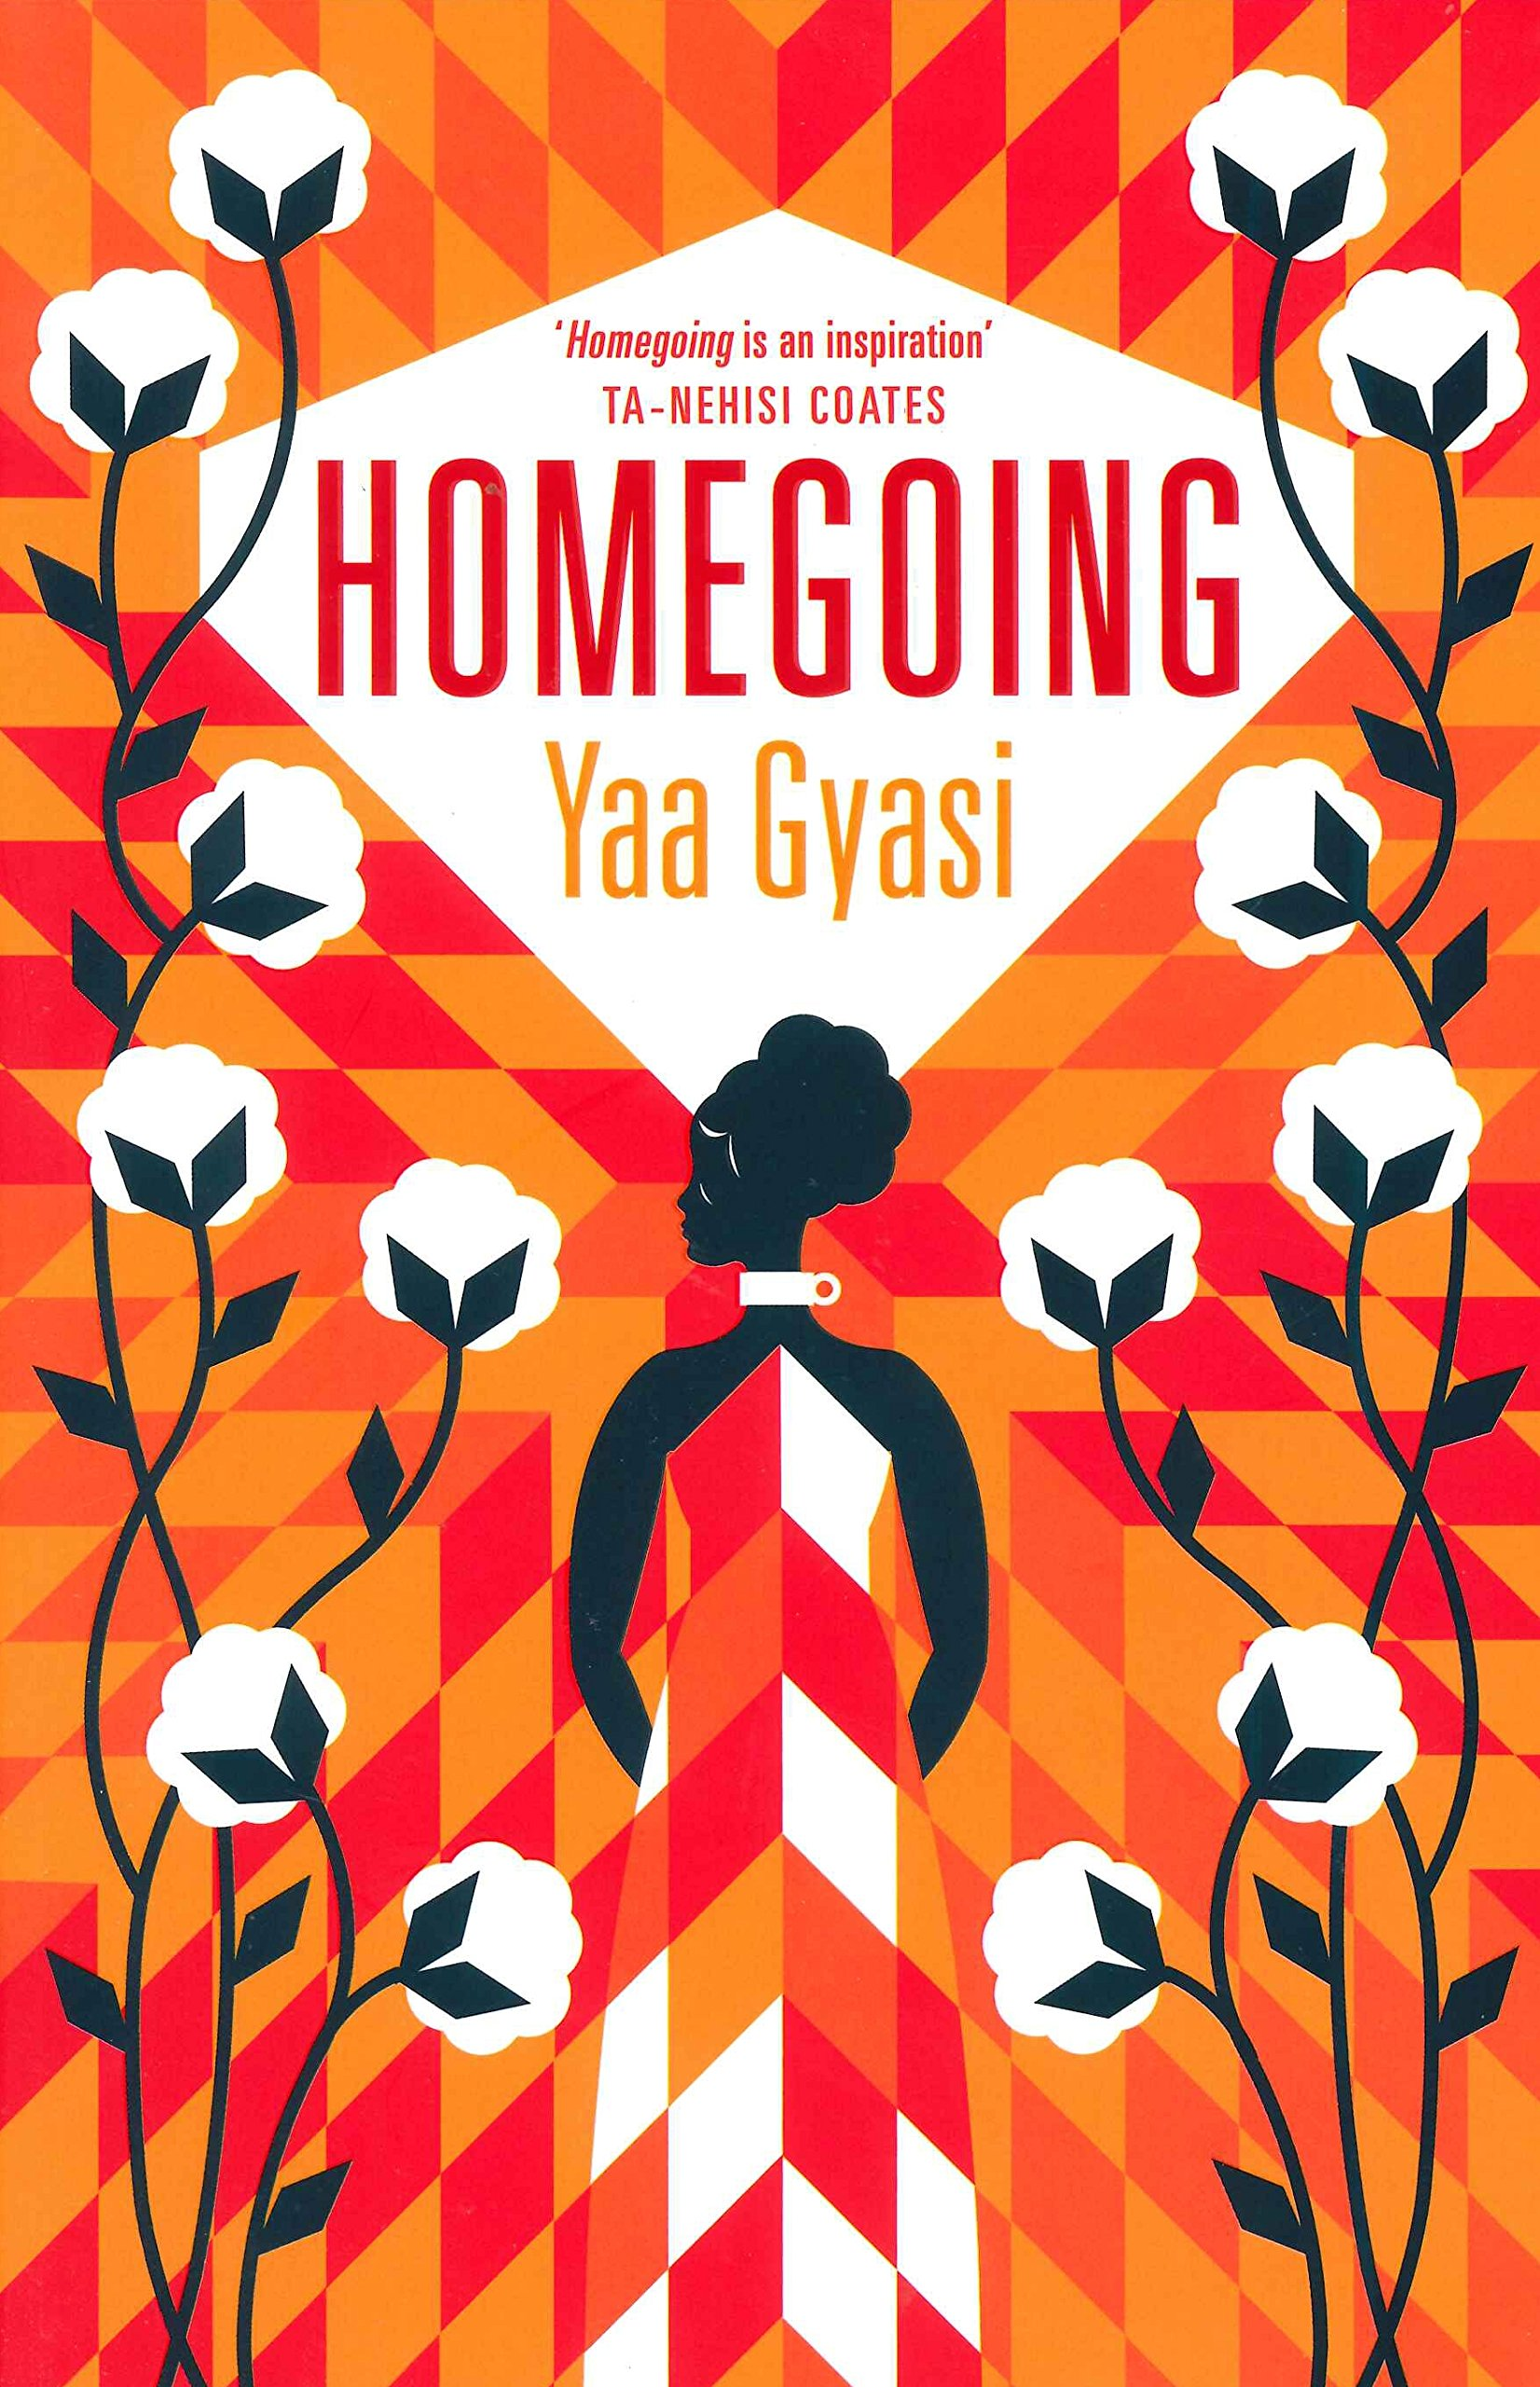 Homegoing (Viking): Amazon.es: Gyasi, Yaa: Libros en idiomas ...